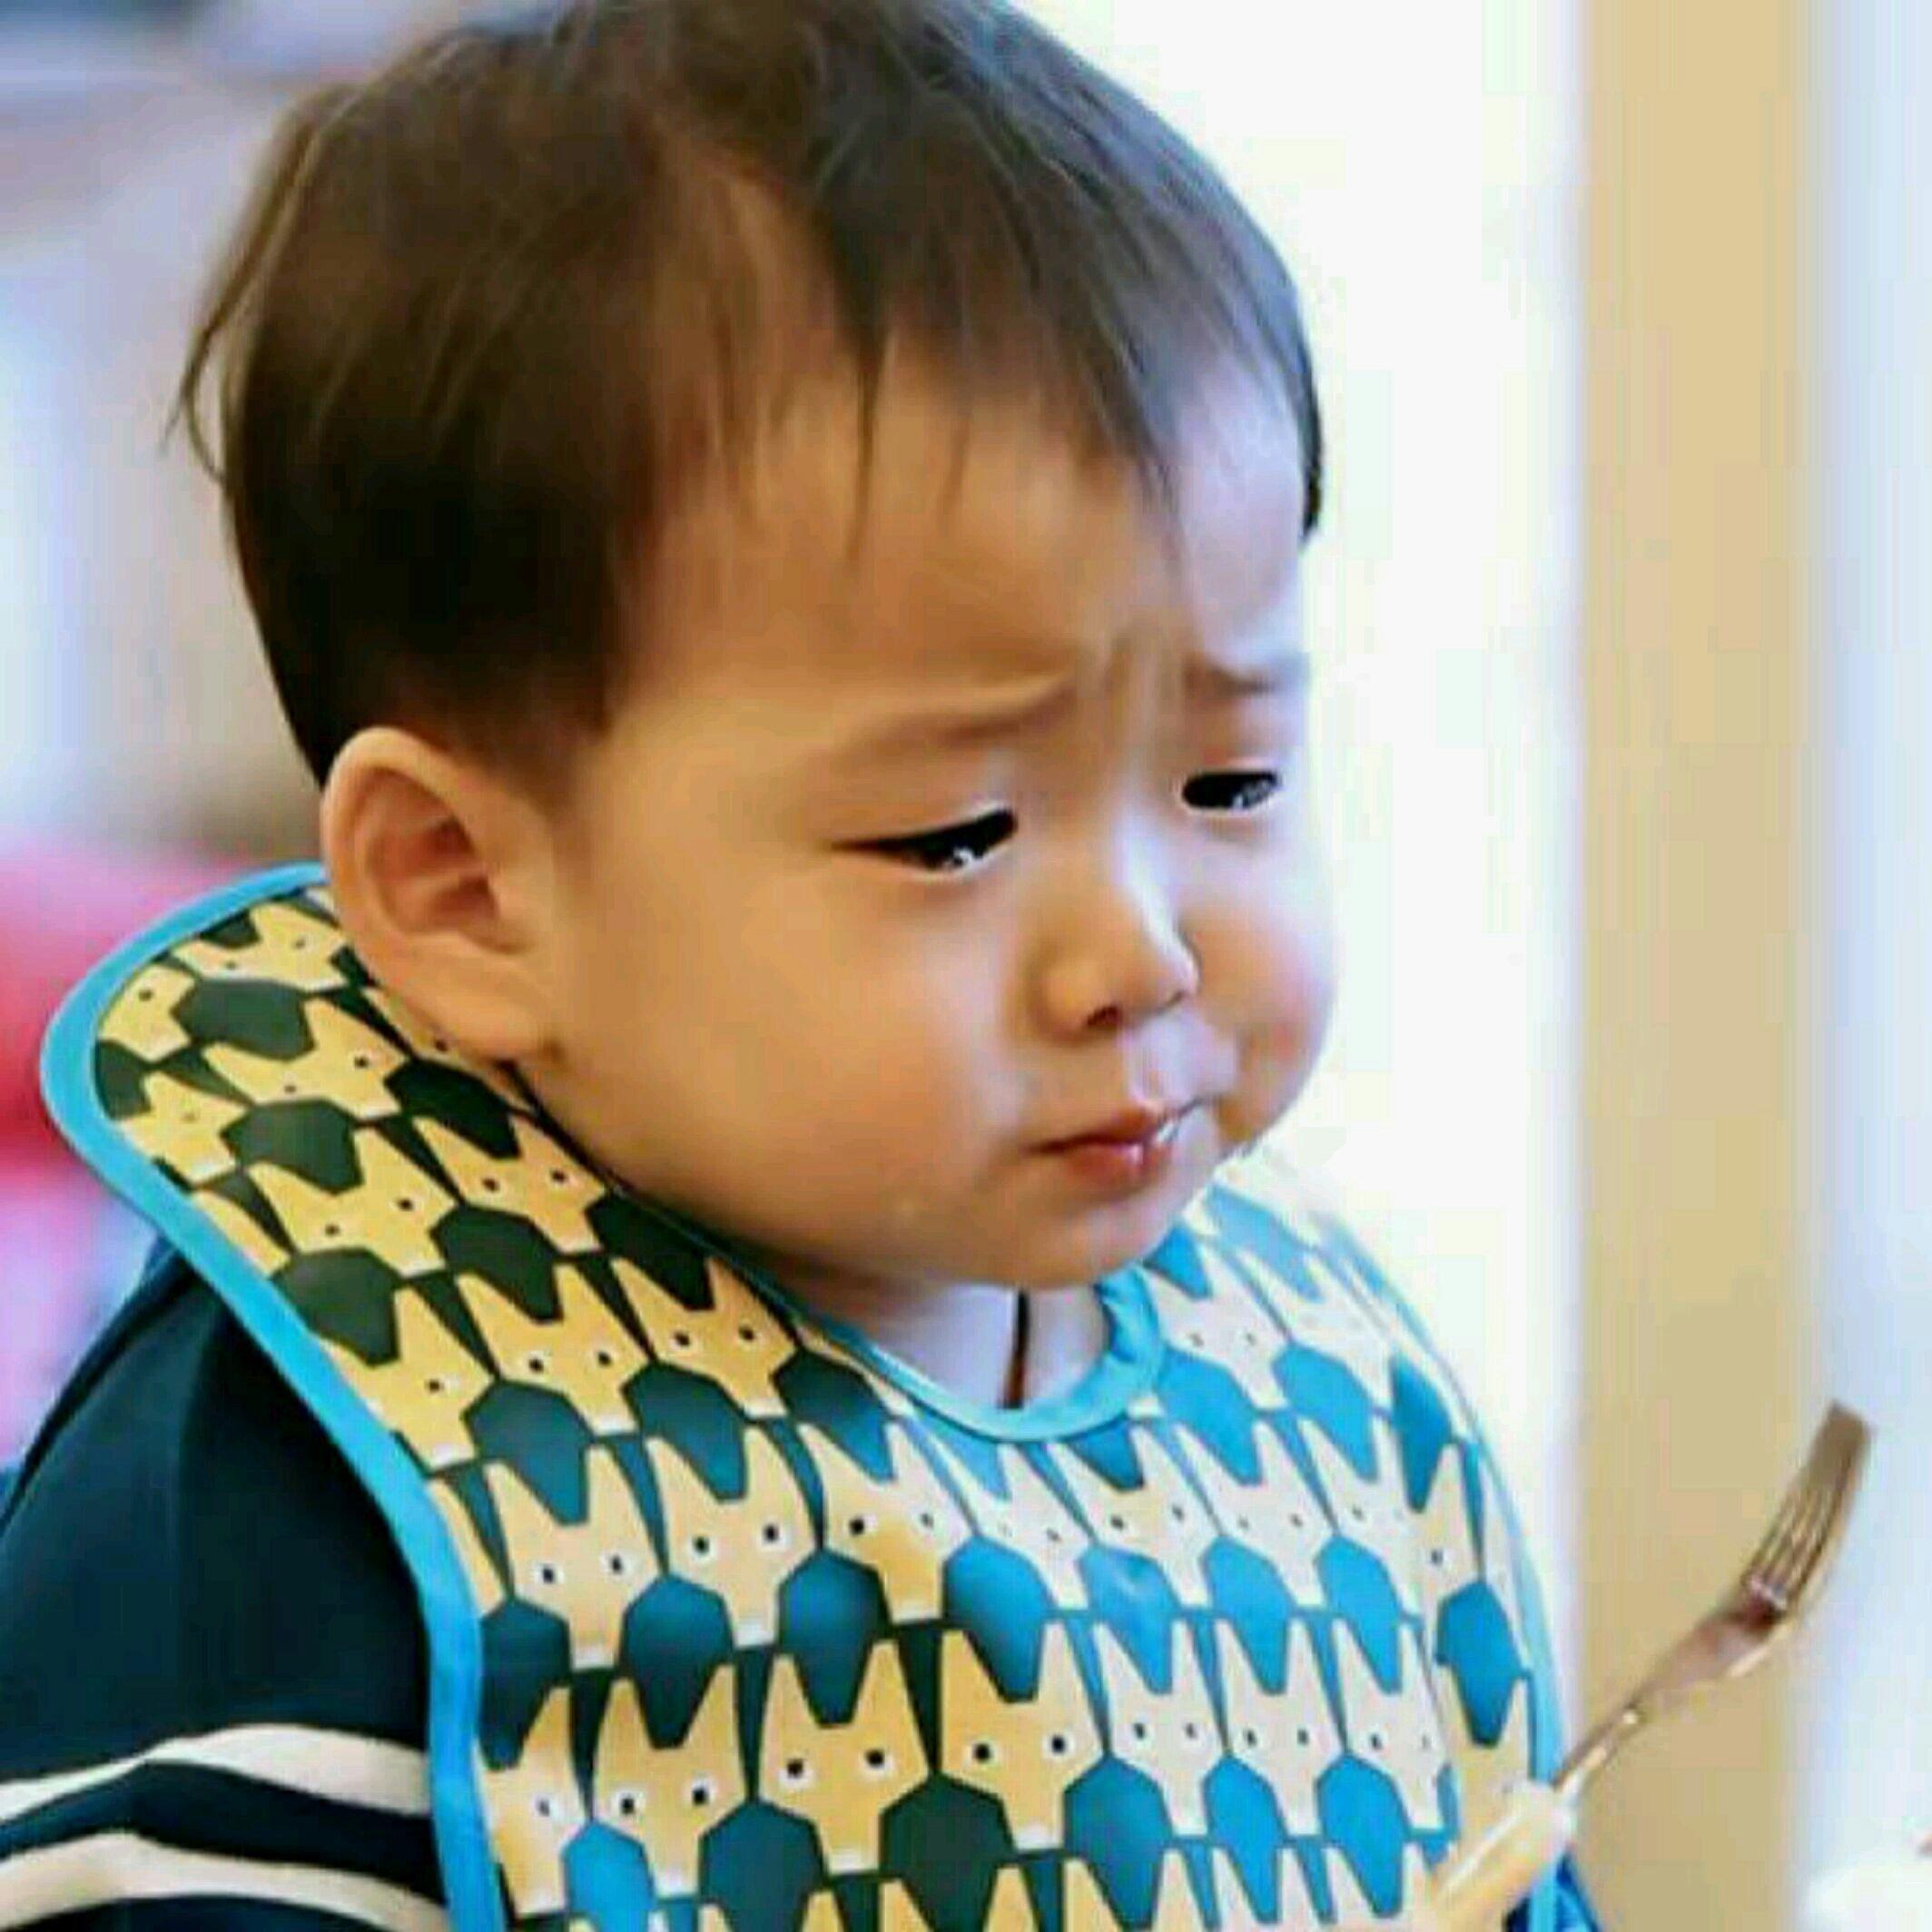 韩国民国小孩表情包